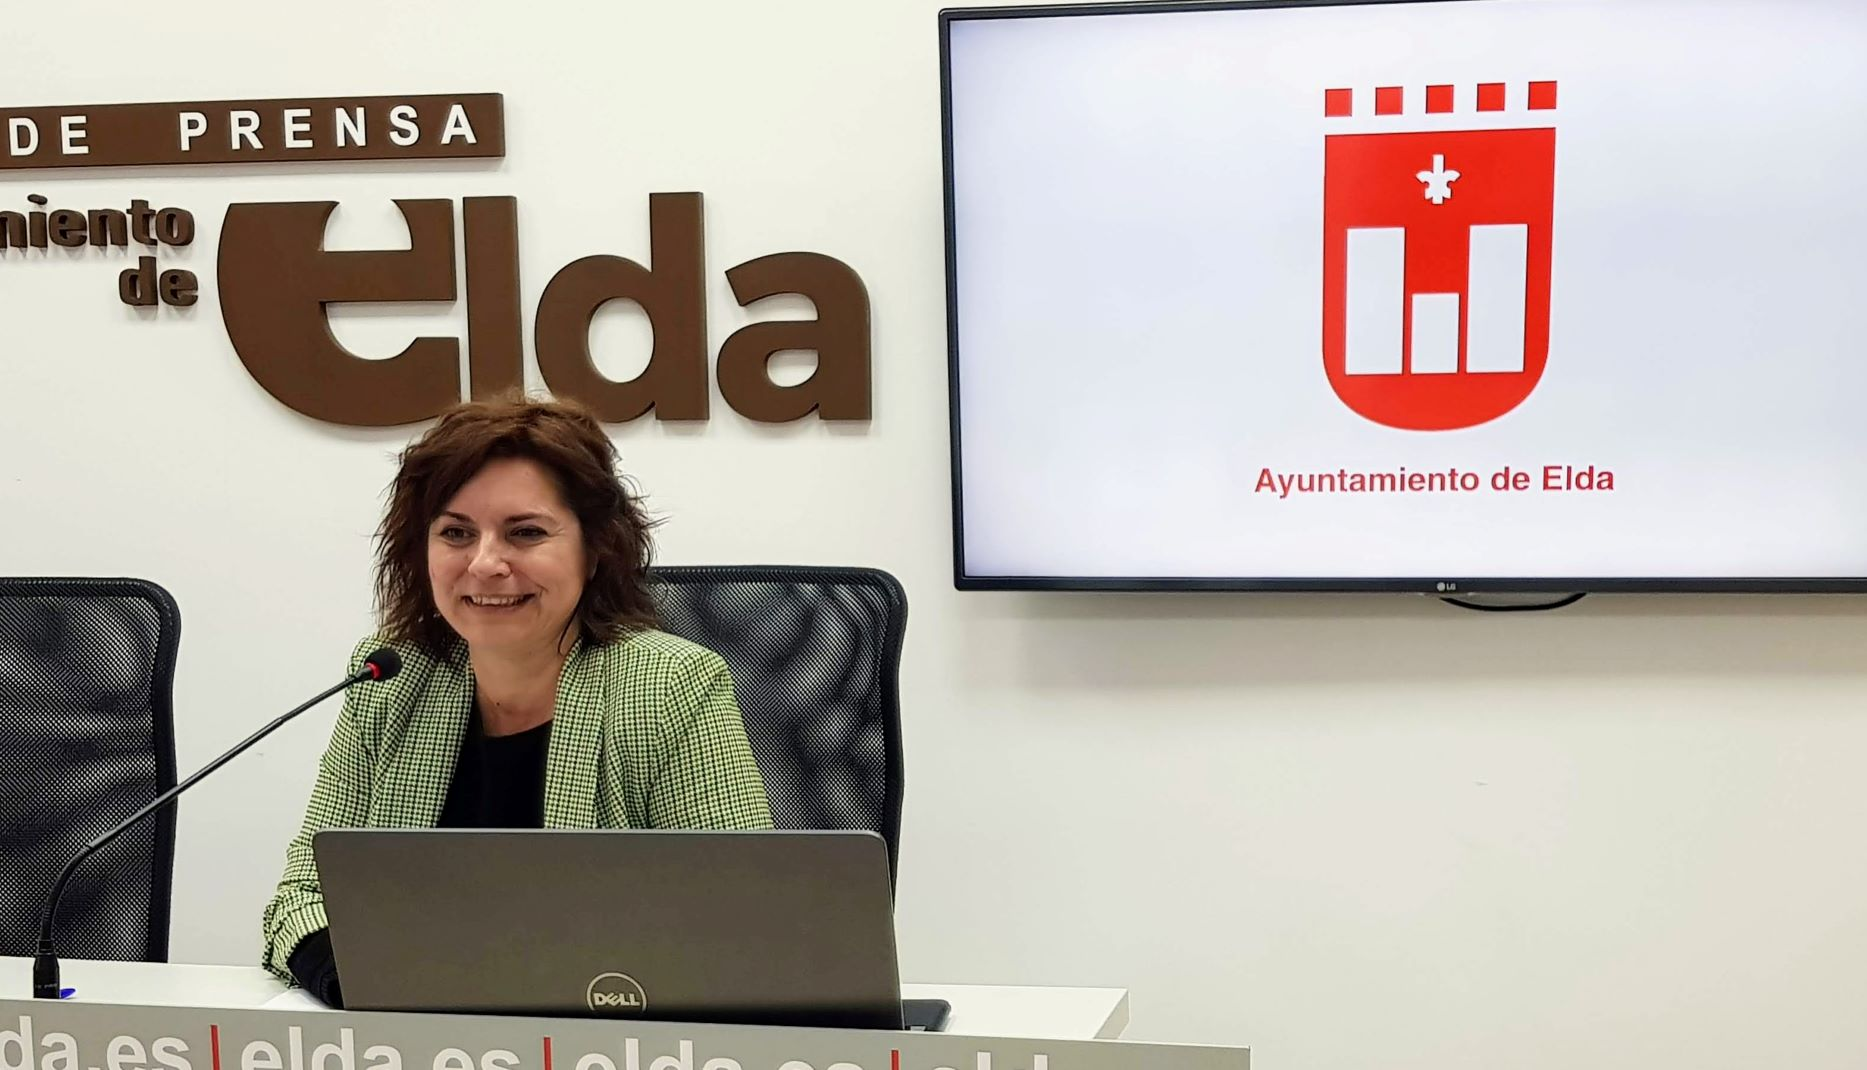 El Ayuntamiento nombrará a Antonio Porpetta 'Hijo Predilecto de la Ciudad de Elda'